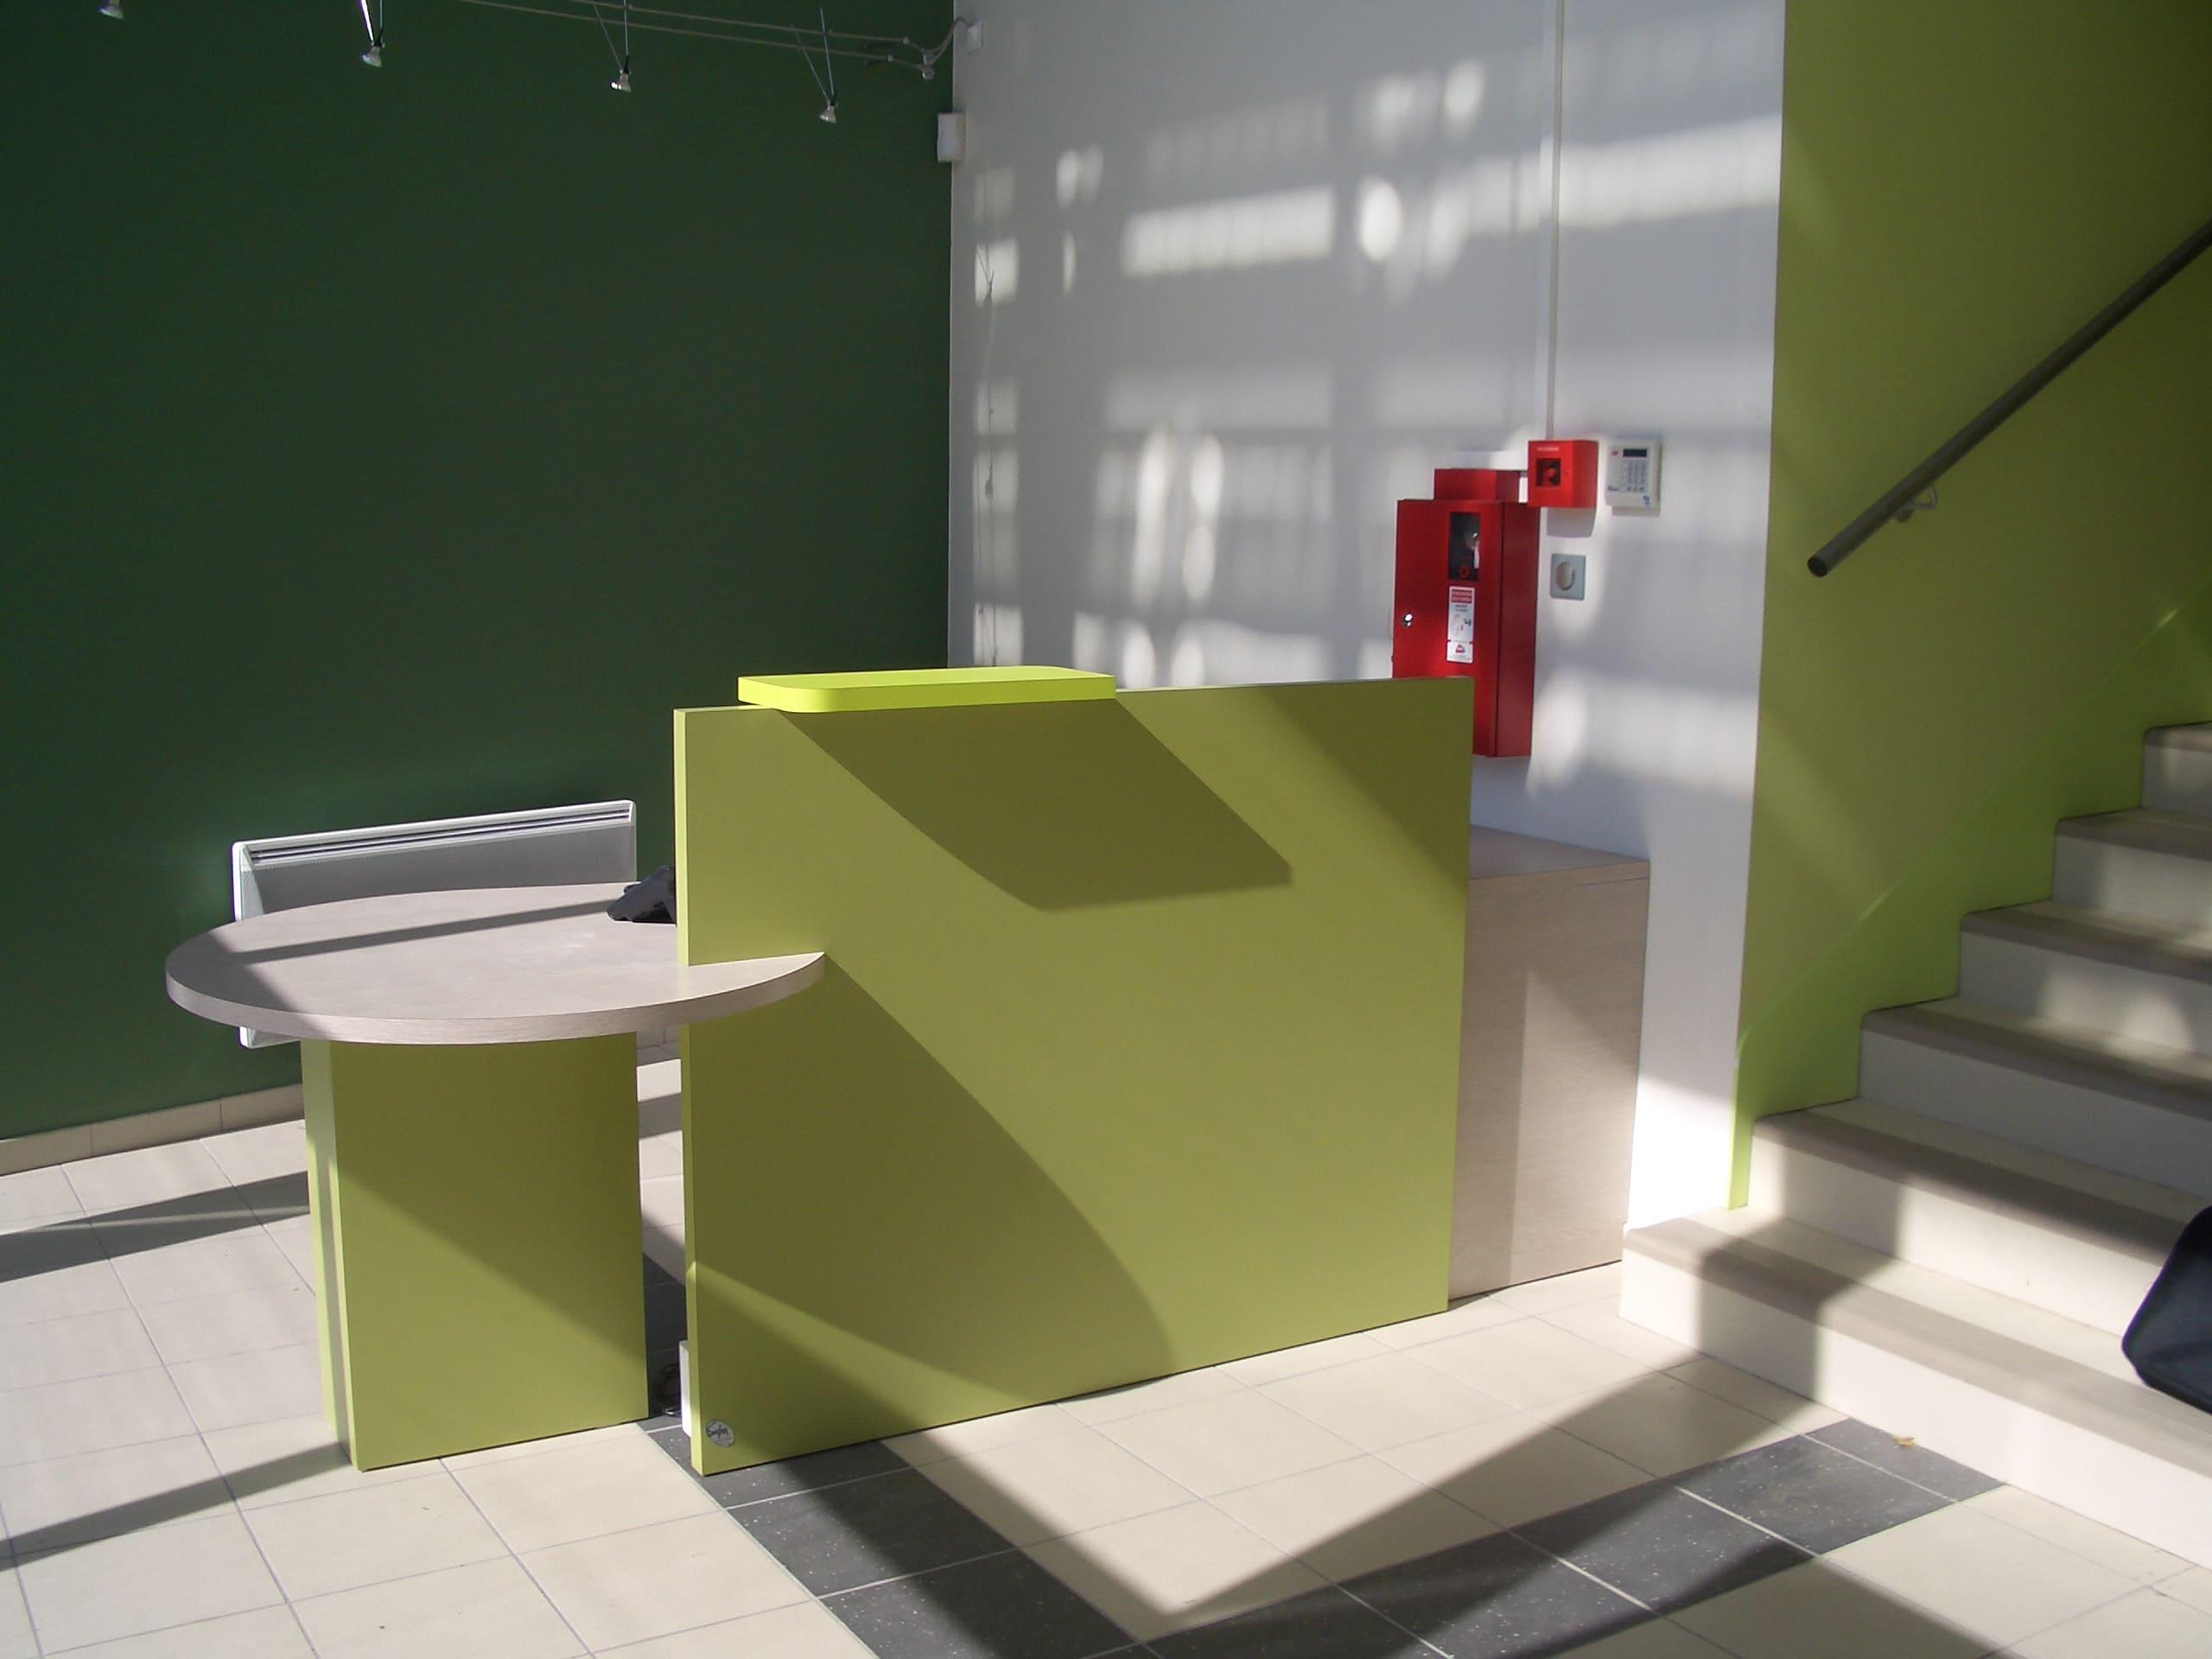 Comptoir d'accueil de la station d'épuration d'Albi réalisé par SAFRA Agencement